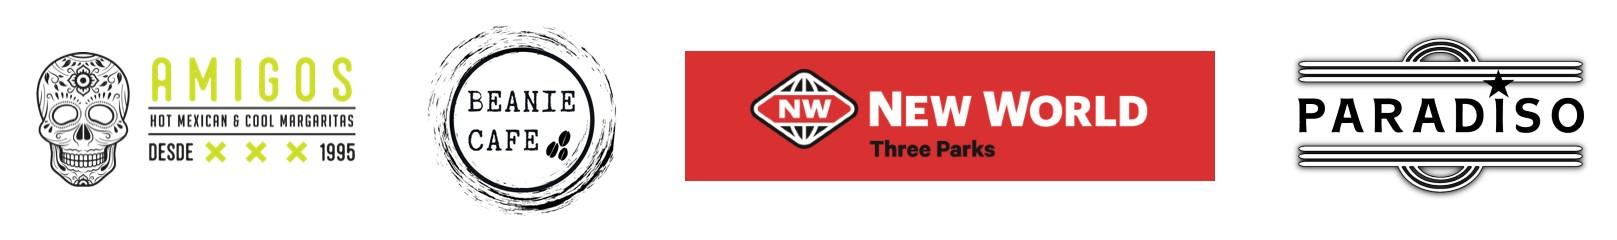 heart-of-wanaka-business-logos